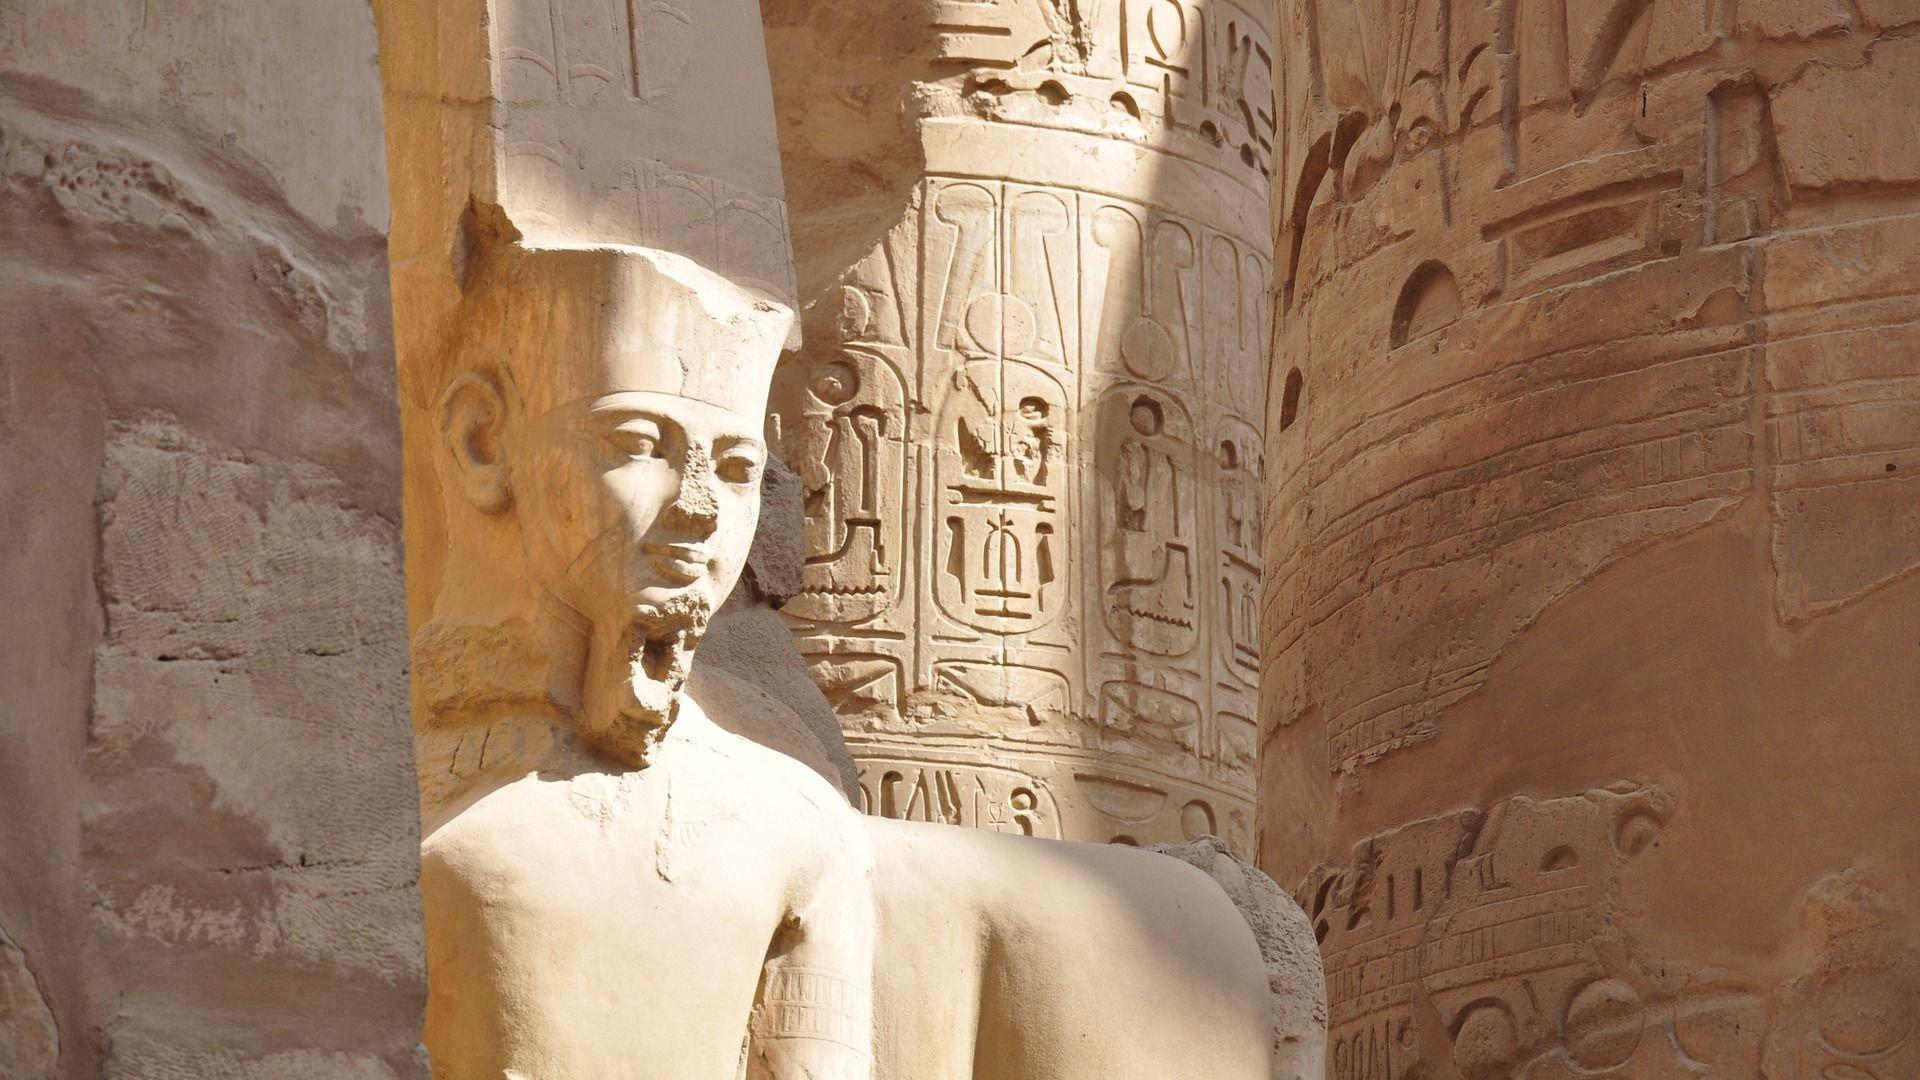 Der findes masser af spor fra det gamle Egypten. De mest kendte er pyramiderne, men der er også bevaret mange templer og statuer.